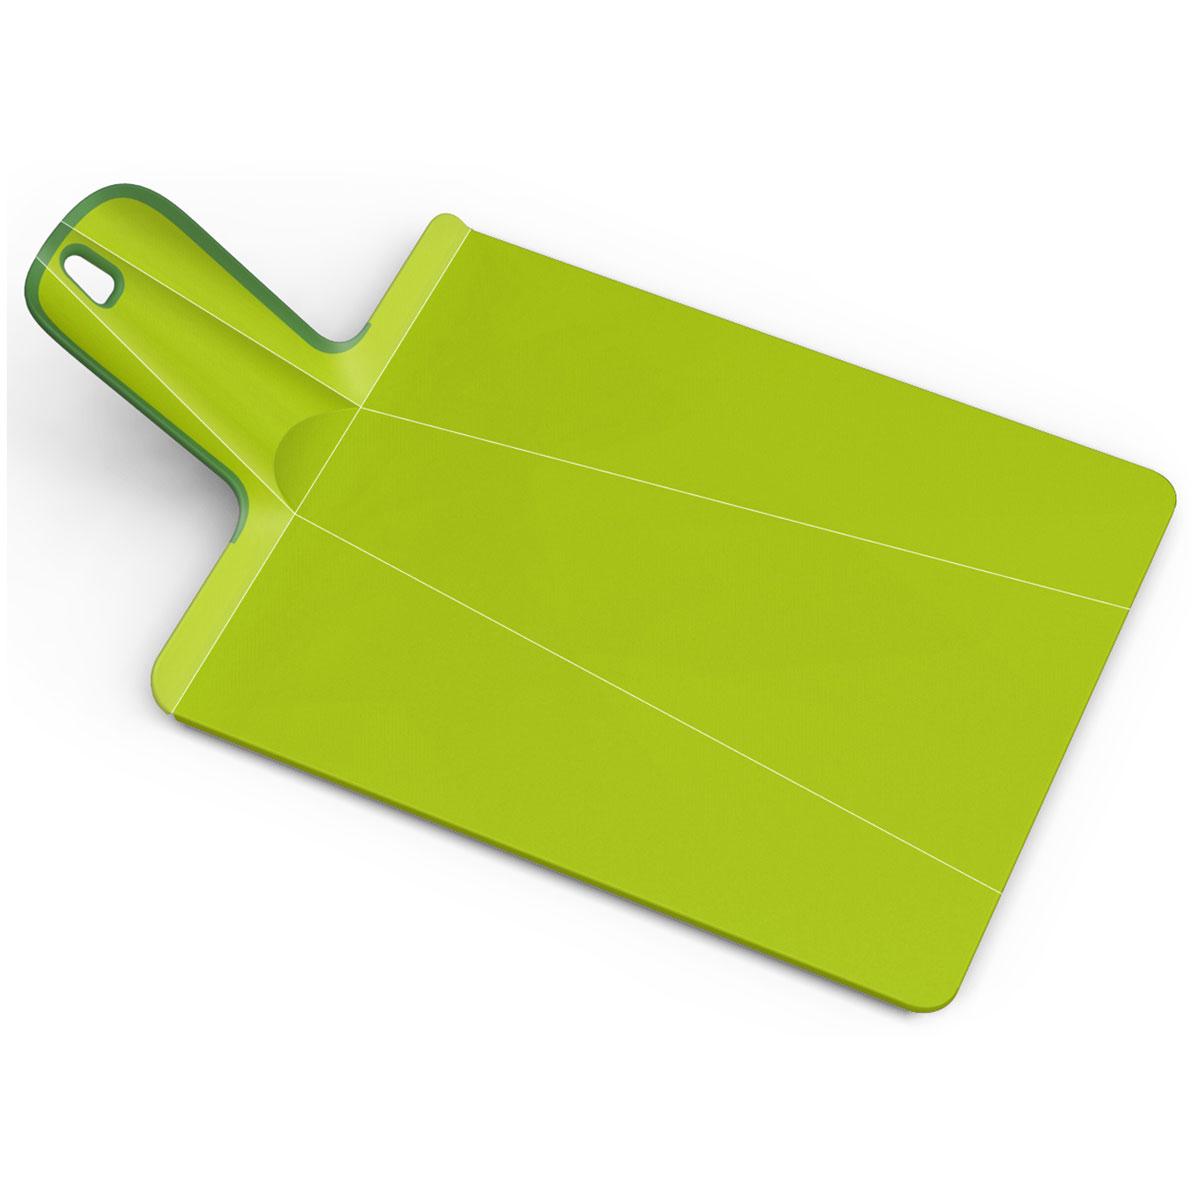 Доска разделочная Joseph Joseph Chop2Pot. Mини, цвет: зеленый, 17 х 32 см60051Разделочная доска Joseph Joseph Chop2Pot. Mини изготовлена из прочного пищевого пластика со специальным покрытием, которое предотвращает прилипание пищи и сохраняет ножи острыми. Удобная ручка оснащена прорезиненными вставками, что обеспечивает надежный хват и комфорт во время использования. Обратная сторона доски снабжена такими же вставками для предотвращения скольжения по поверхности стола. Благодаря изгибам в определенных местах, доска удобно сворачивается и позволяет аккуратно пересыпать все, что вы нарезали. Всем знакомо, как неудобно ссыпать порезанные овощи в кастрюлю, но с этим приспособлением вы одним движением превратите разделочную доску в удобный совок, и все попадет по назначению. Можно мыть в посудомоечной машине.